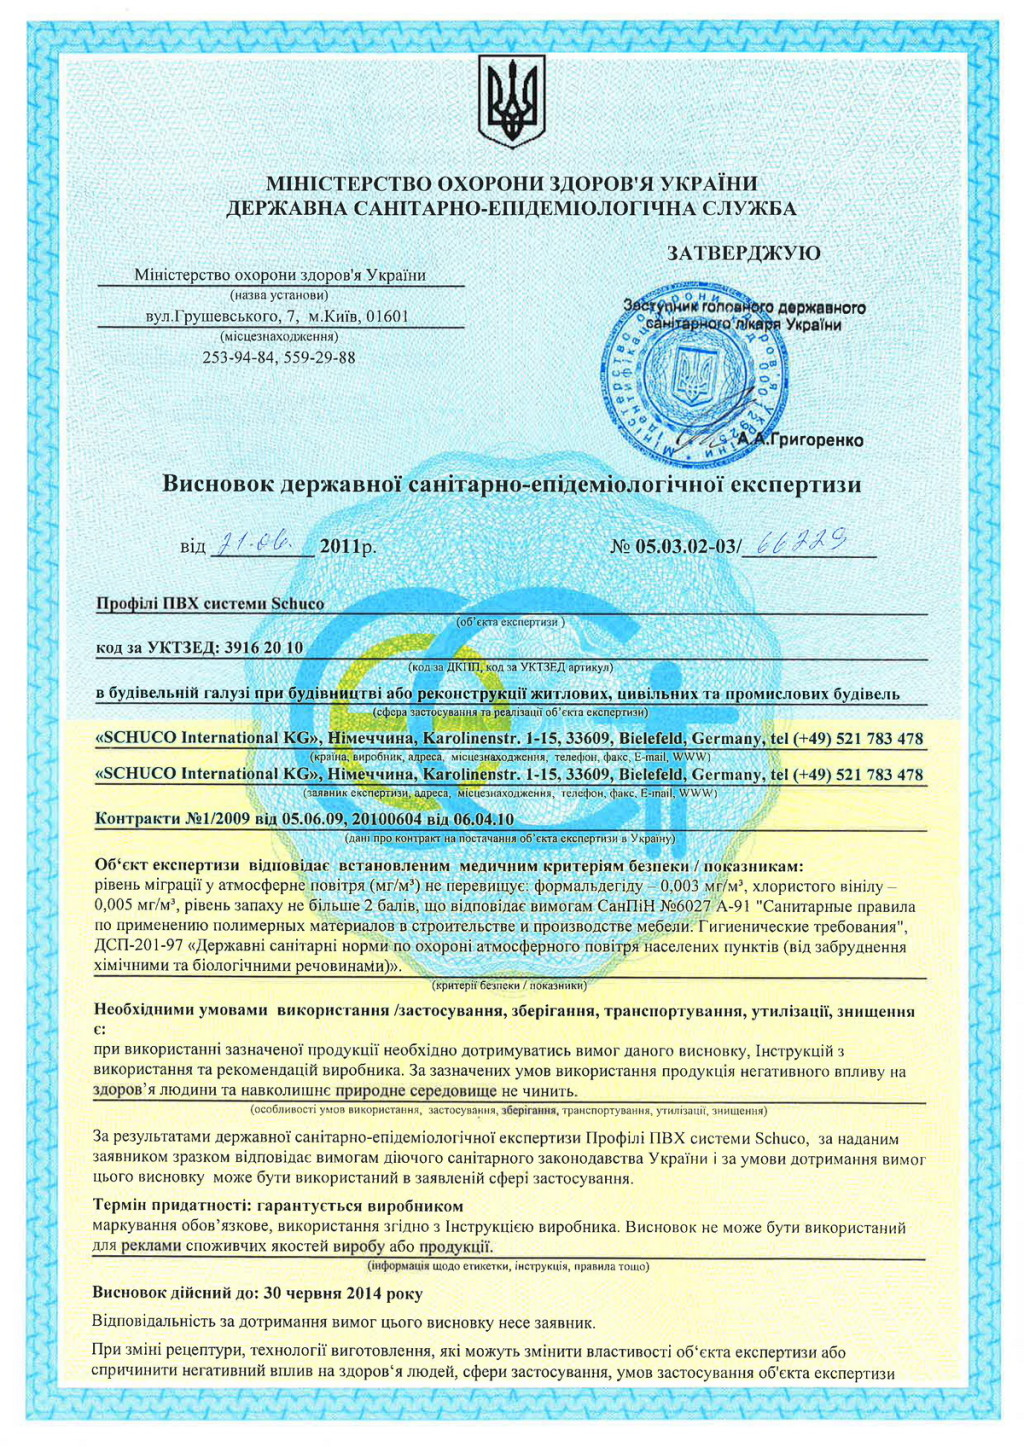 Сертификат гигиены на профиль SHUKO